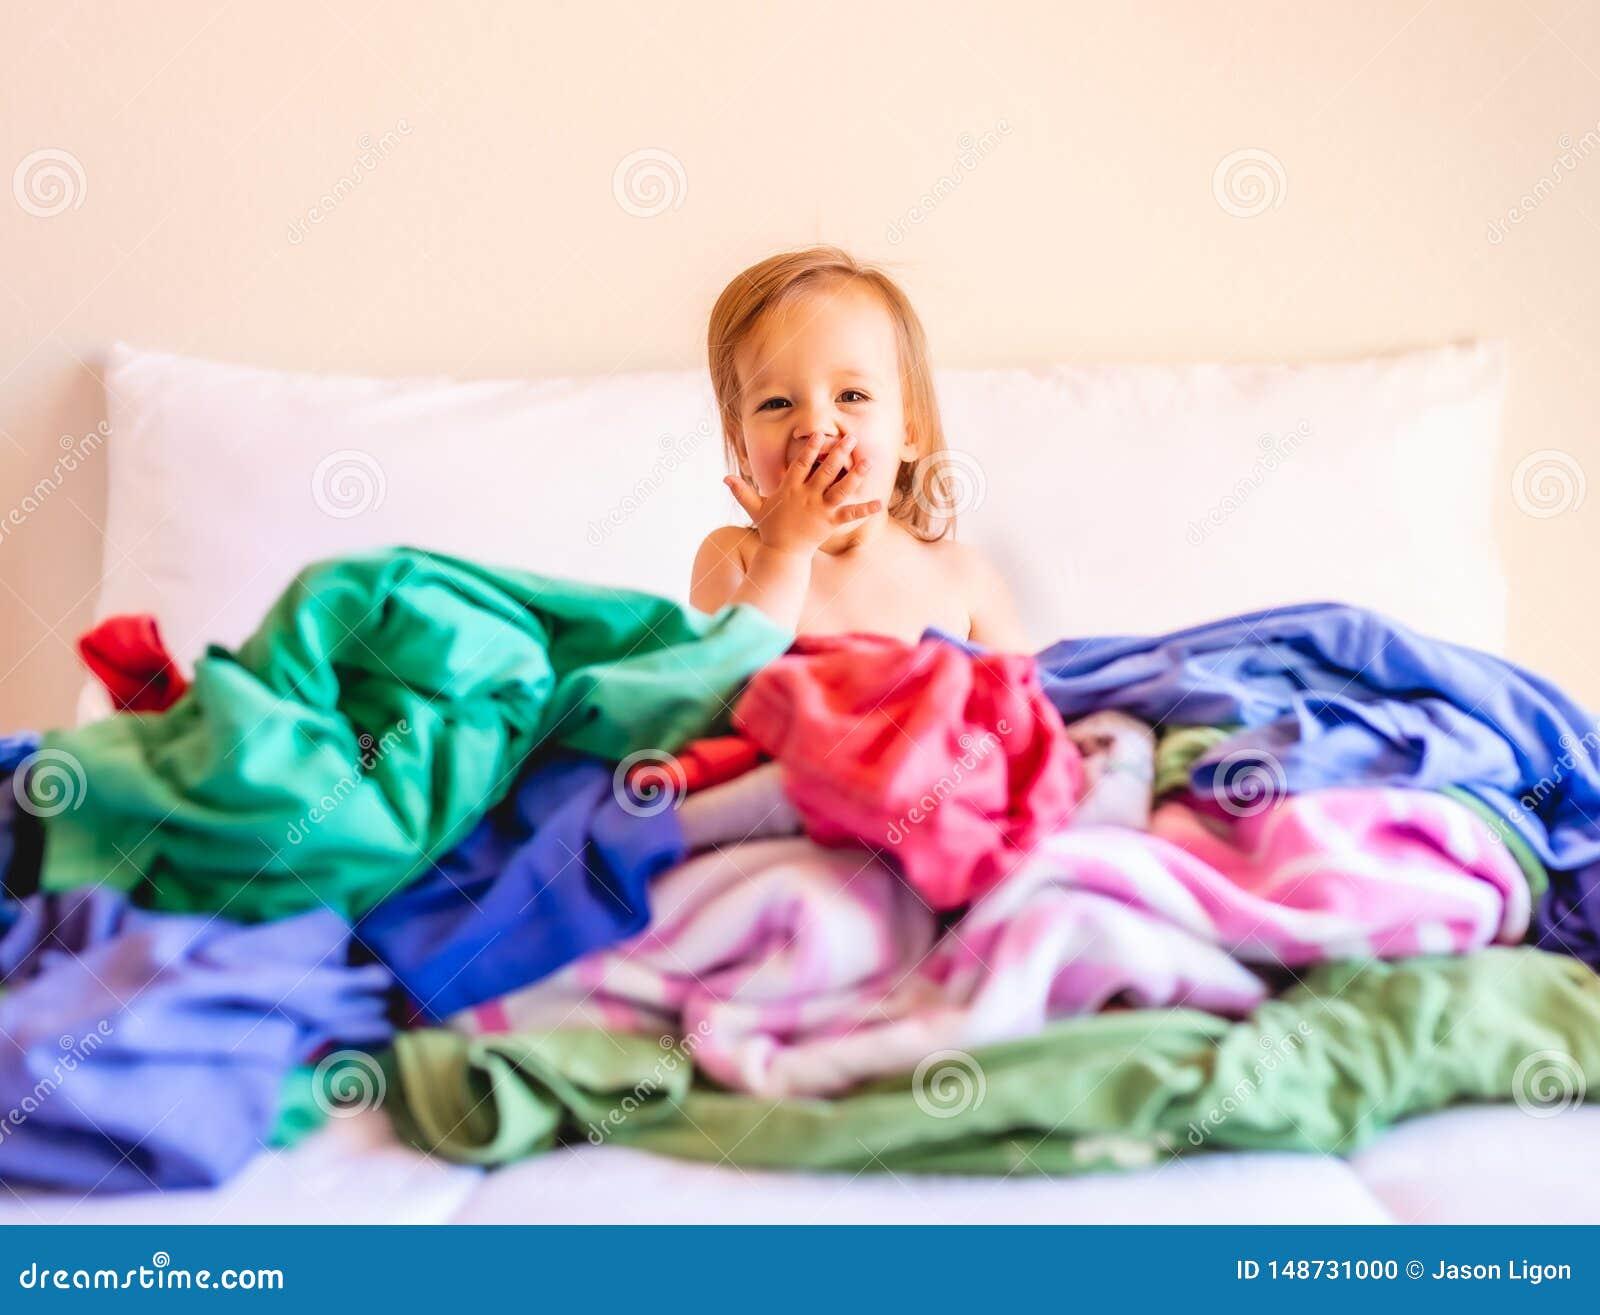 Lindo, adorable, sonriendo, beb? cauc?sico que se sienta en una pila de lavadero sucio en cama